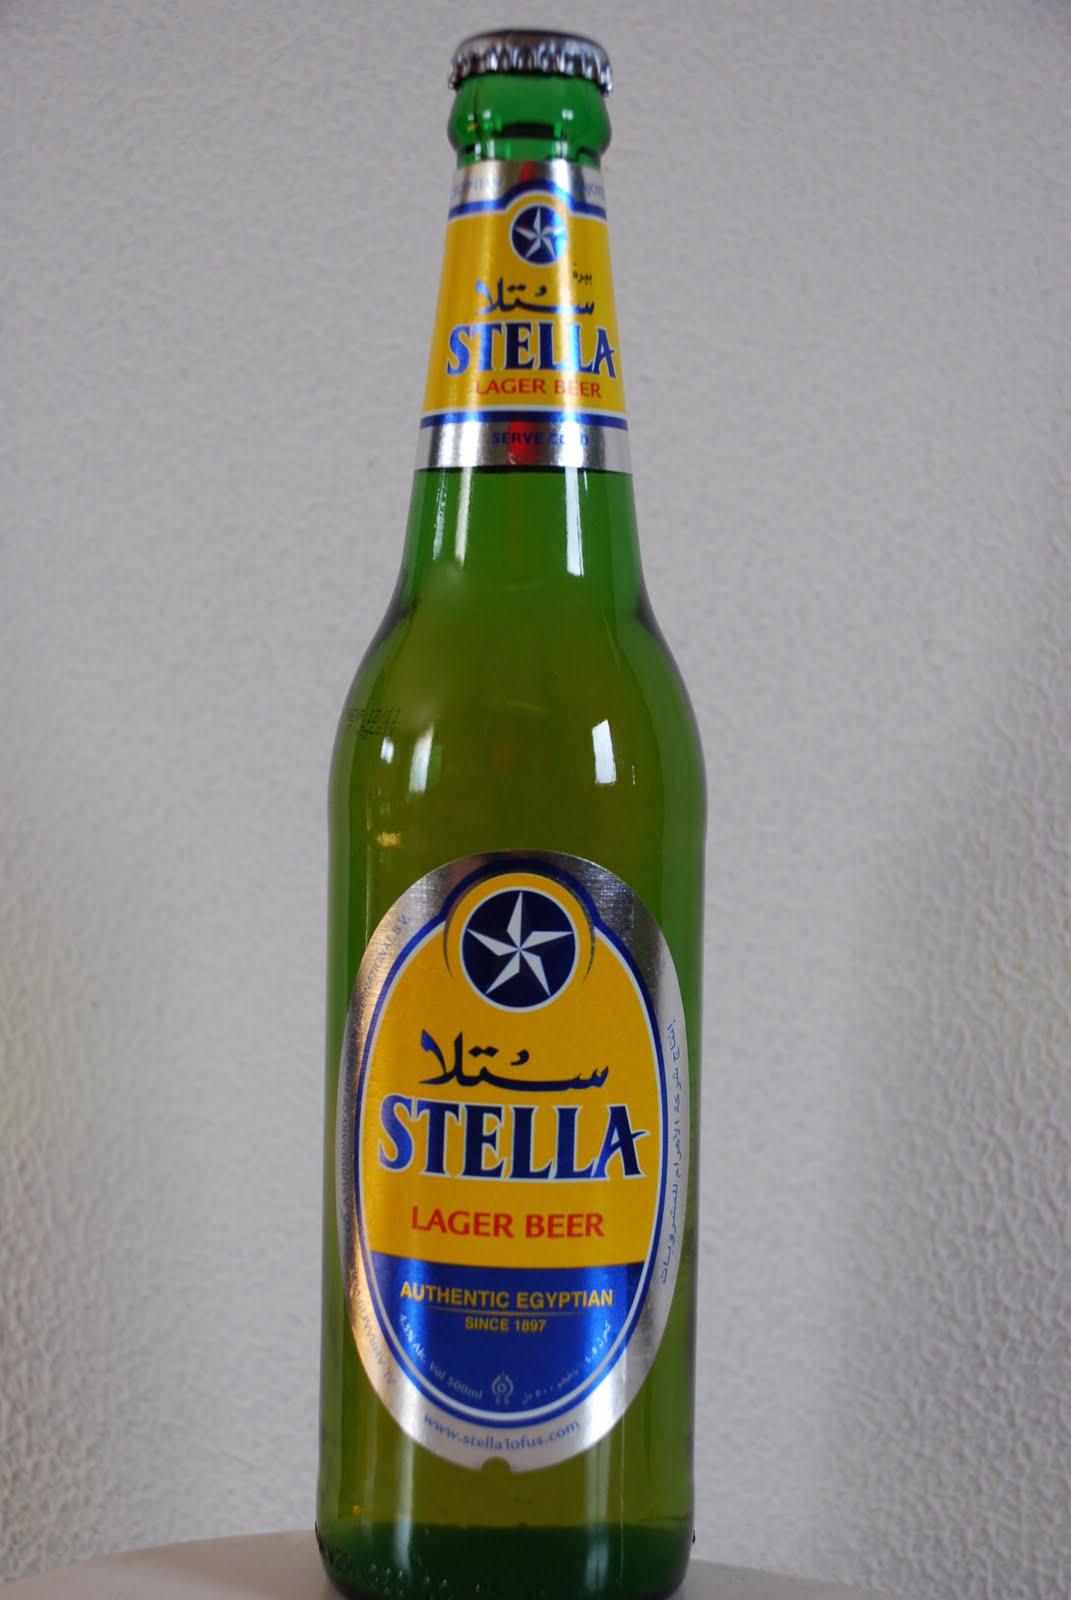 ab445801 Stella Lager Beer er et egyptisk øl med en kosefaktor på 4,5%. Det er et  middels lyst øl med en klar og fin farge. Det er lite lukt av brygget og  heller ...